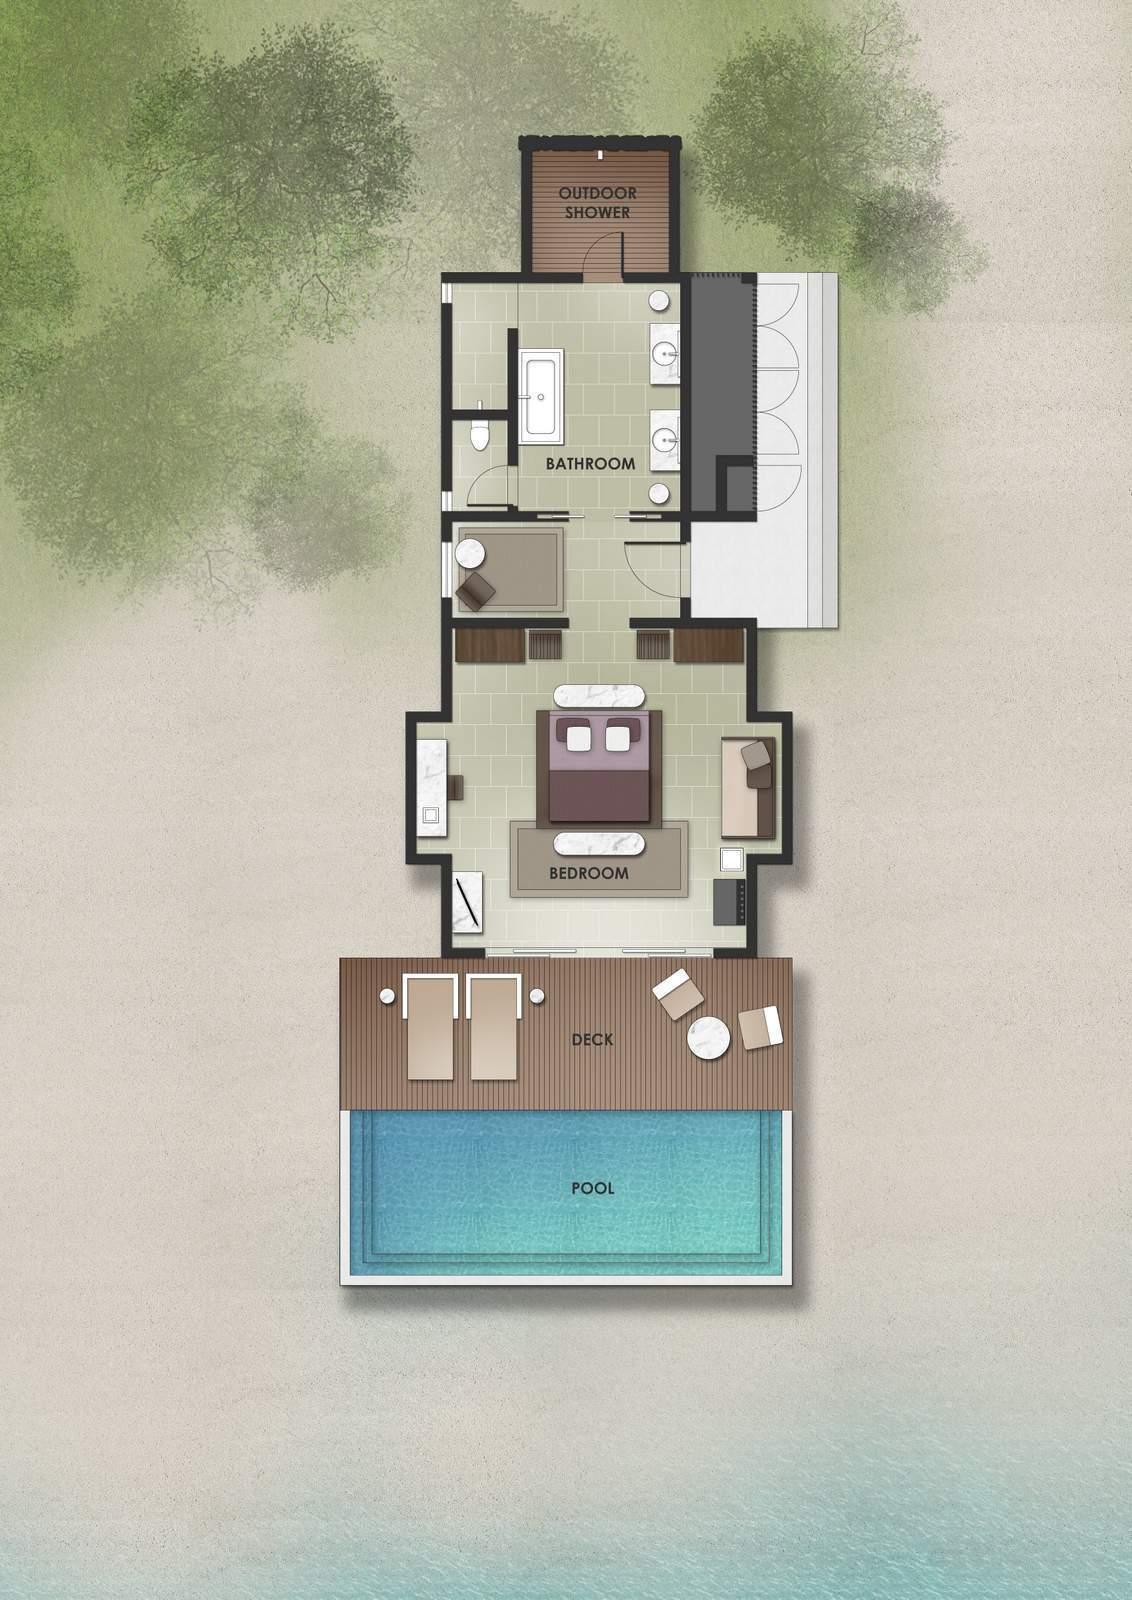 Мальдивы, отель The Residence Maldives at Dhigurah, план-схема номера Beach Pool Villa